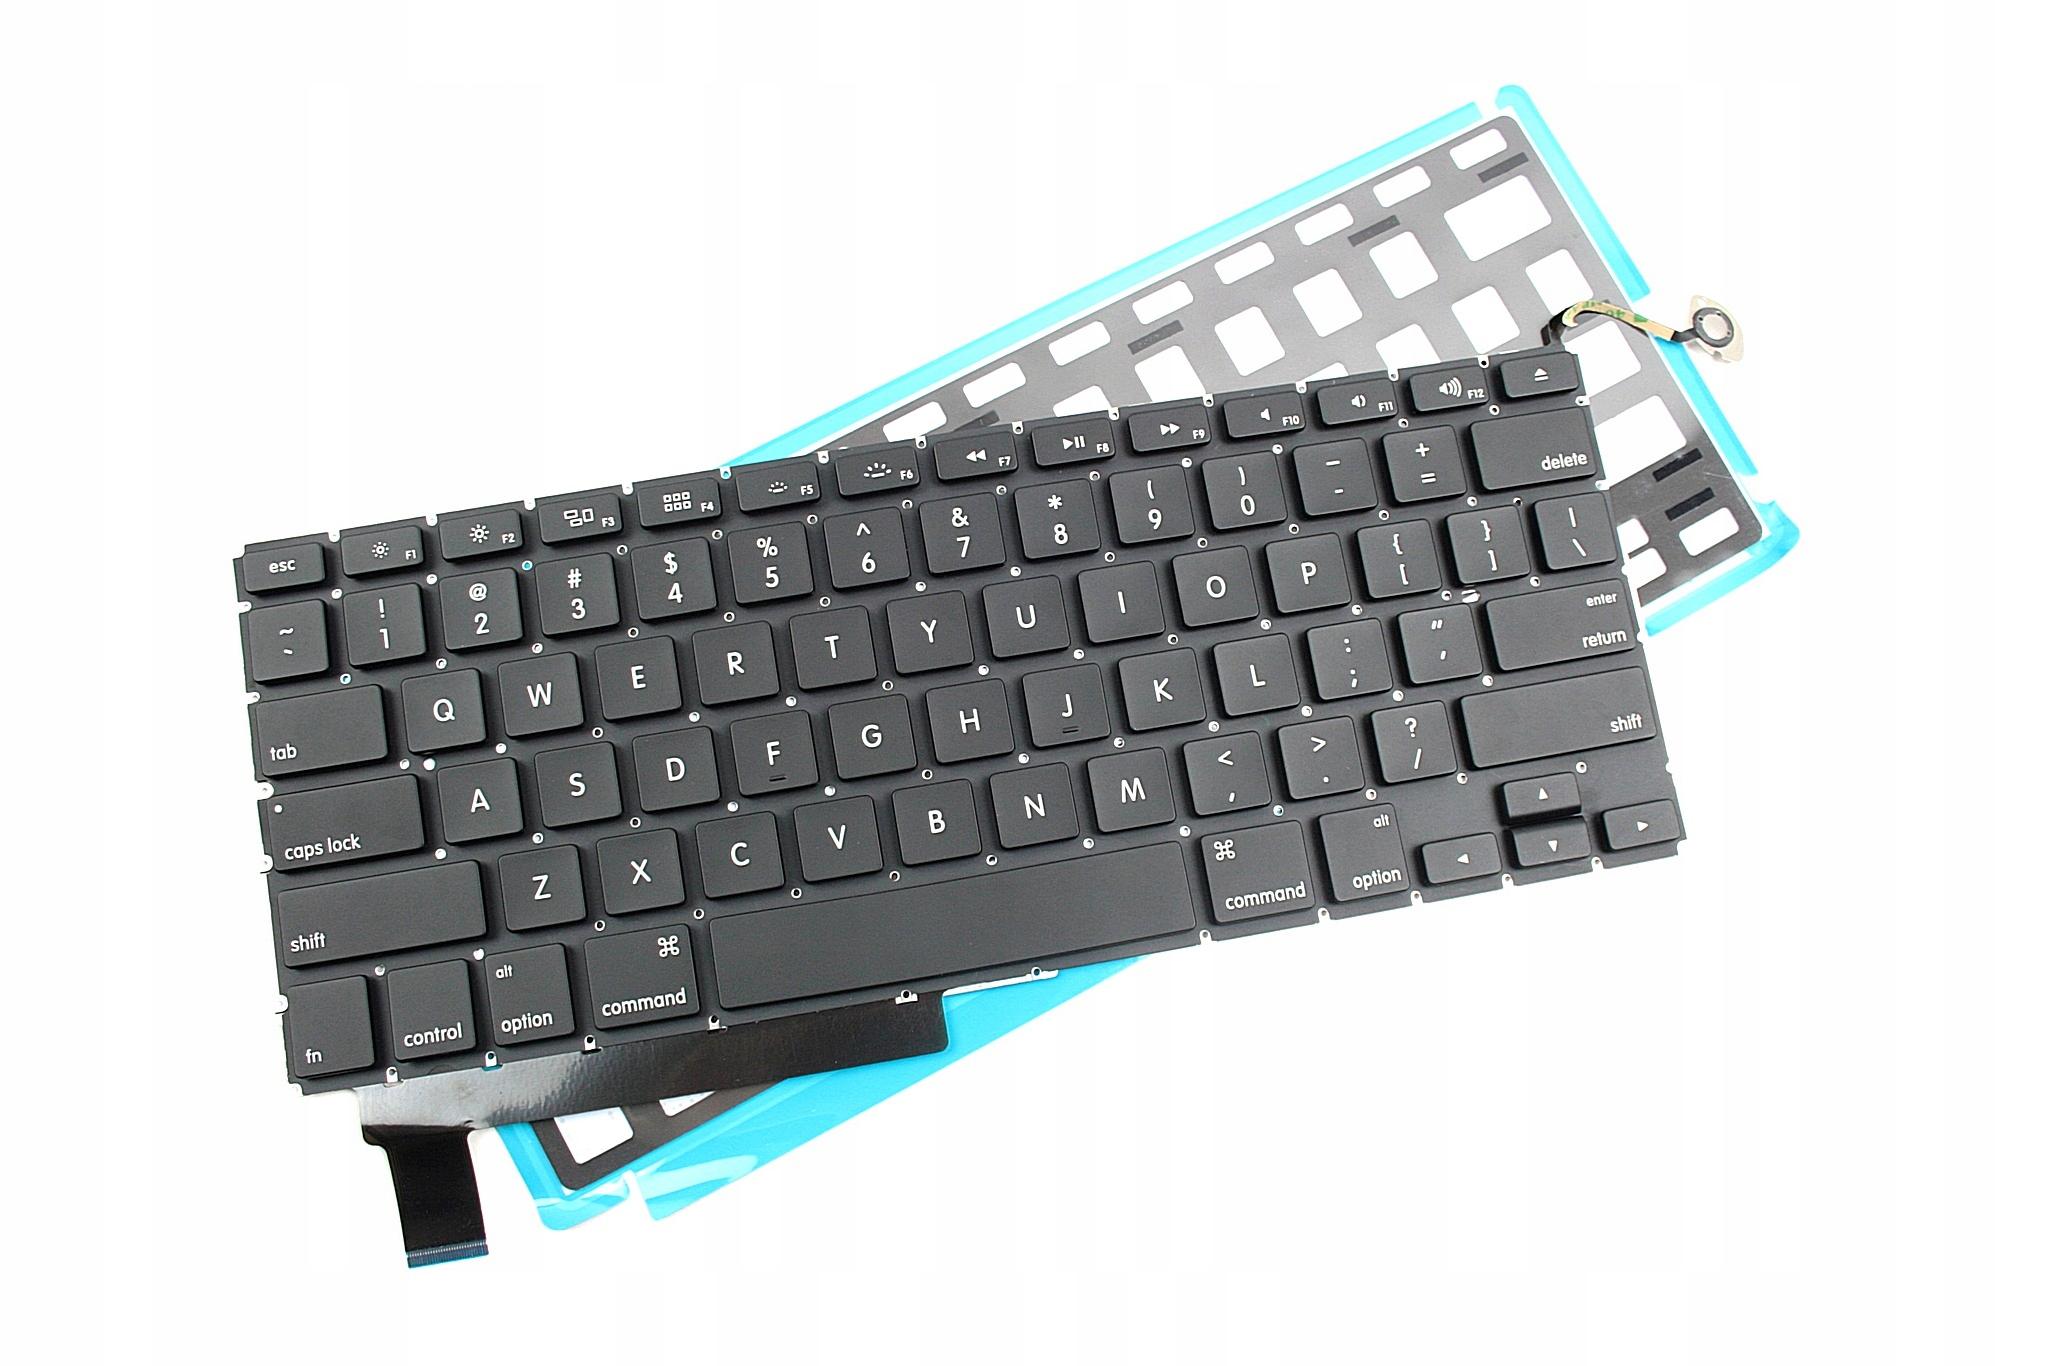 KLAWIATURA APPLE MACBOOK A1286 PRO 15 - Klawiatury do laptopów